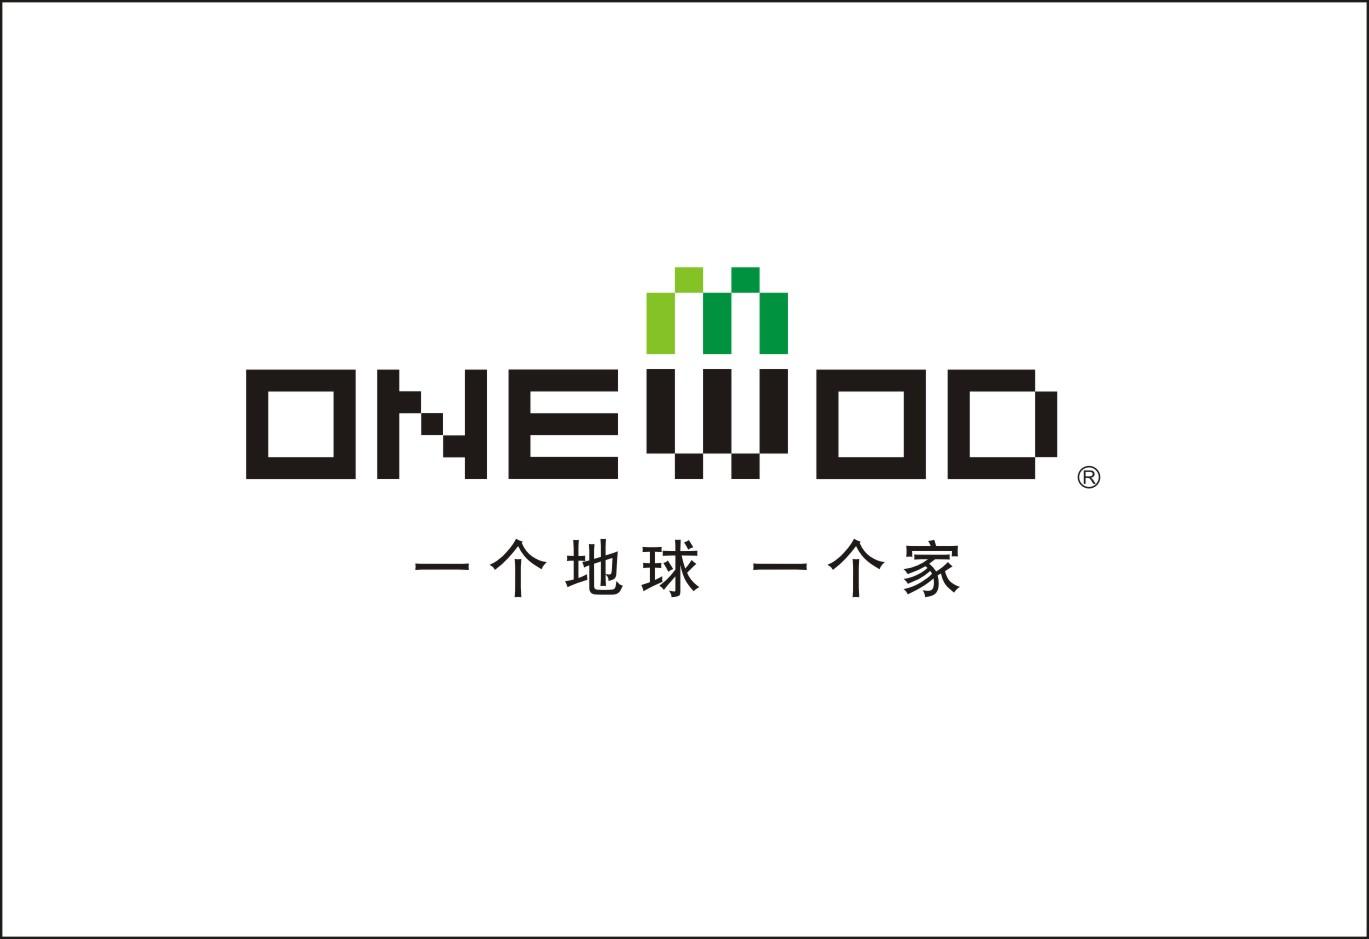 深圳市明电环球科技有限公司